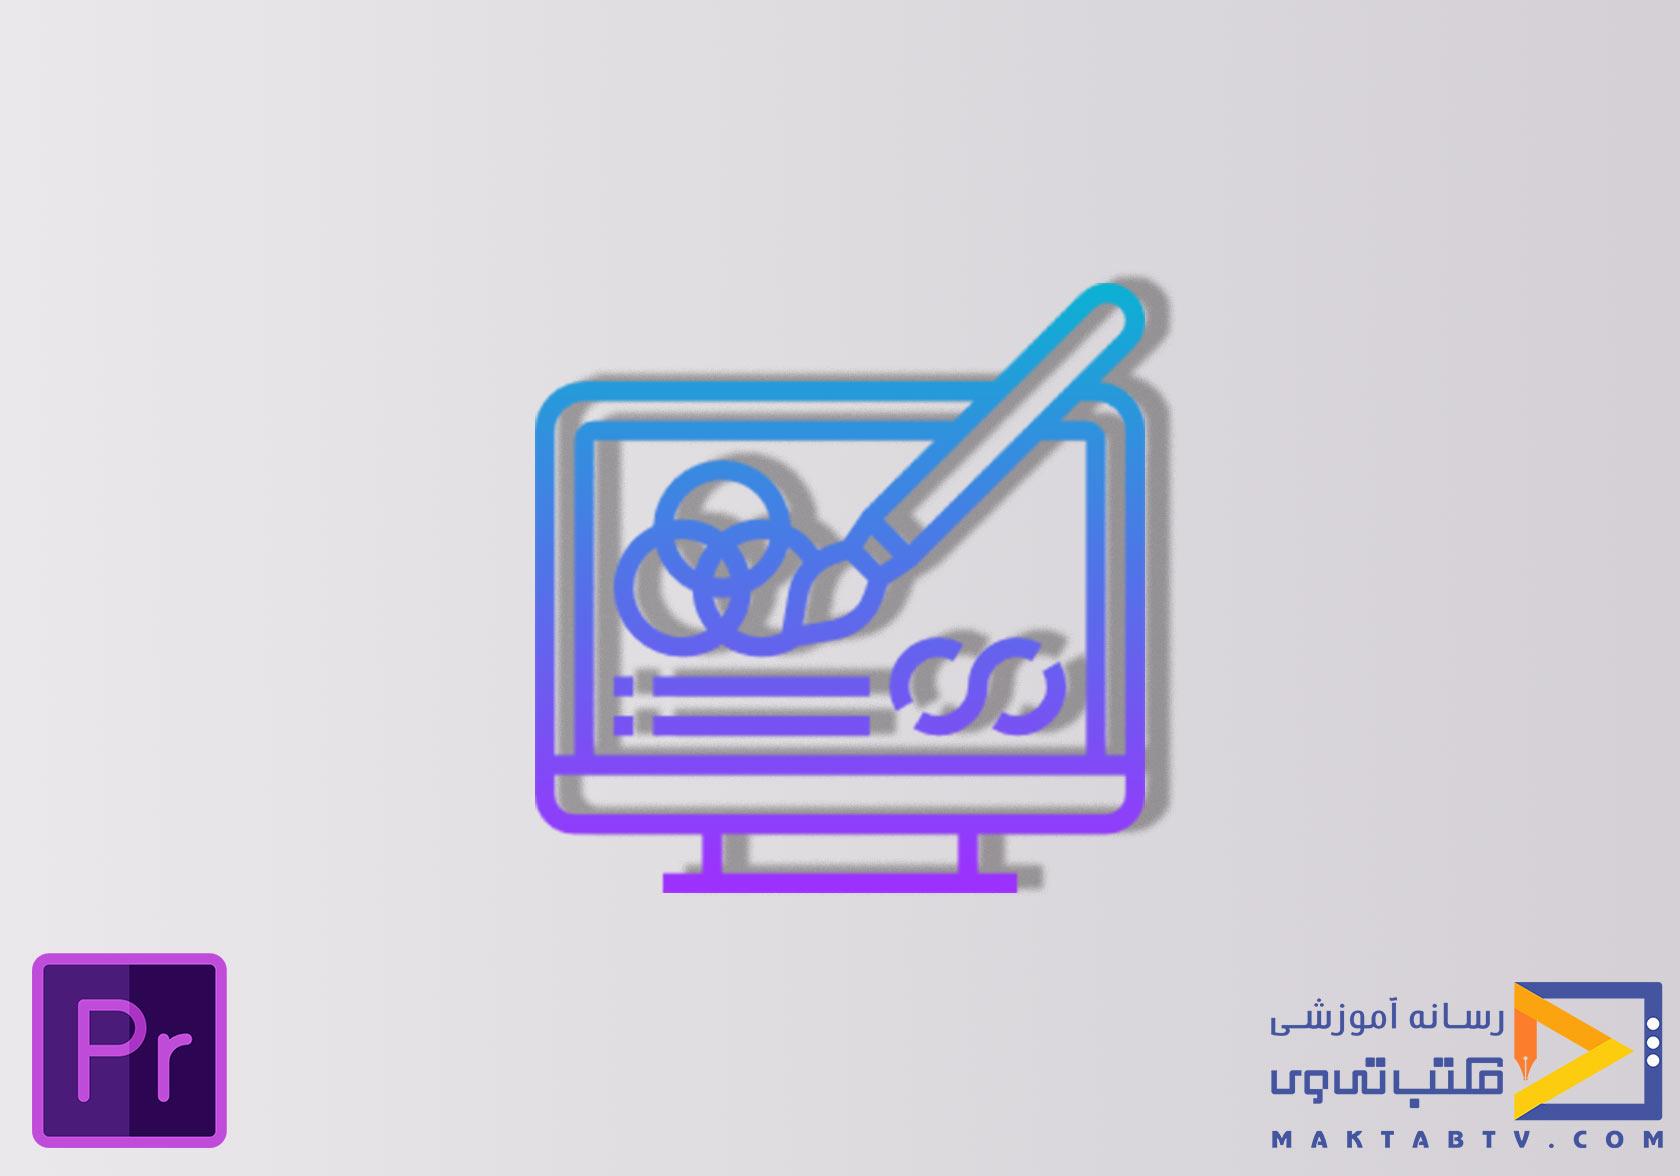 تأثیرات Effect Controls بر روی انواع فایل ها در برنامه پریمیر